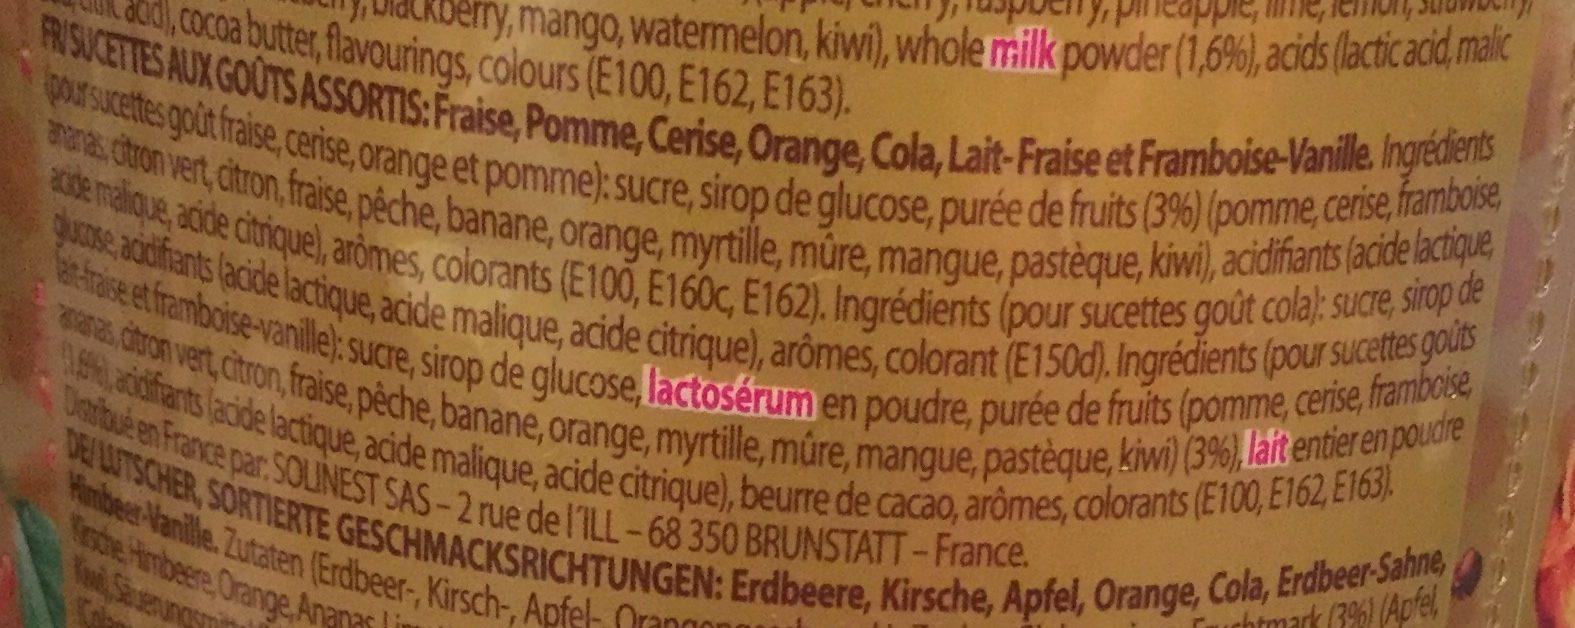 Best of Tubo - Ingredients